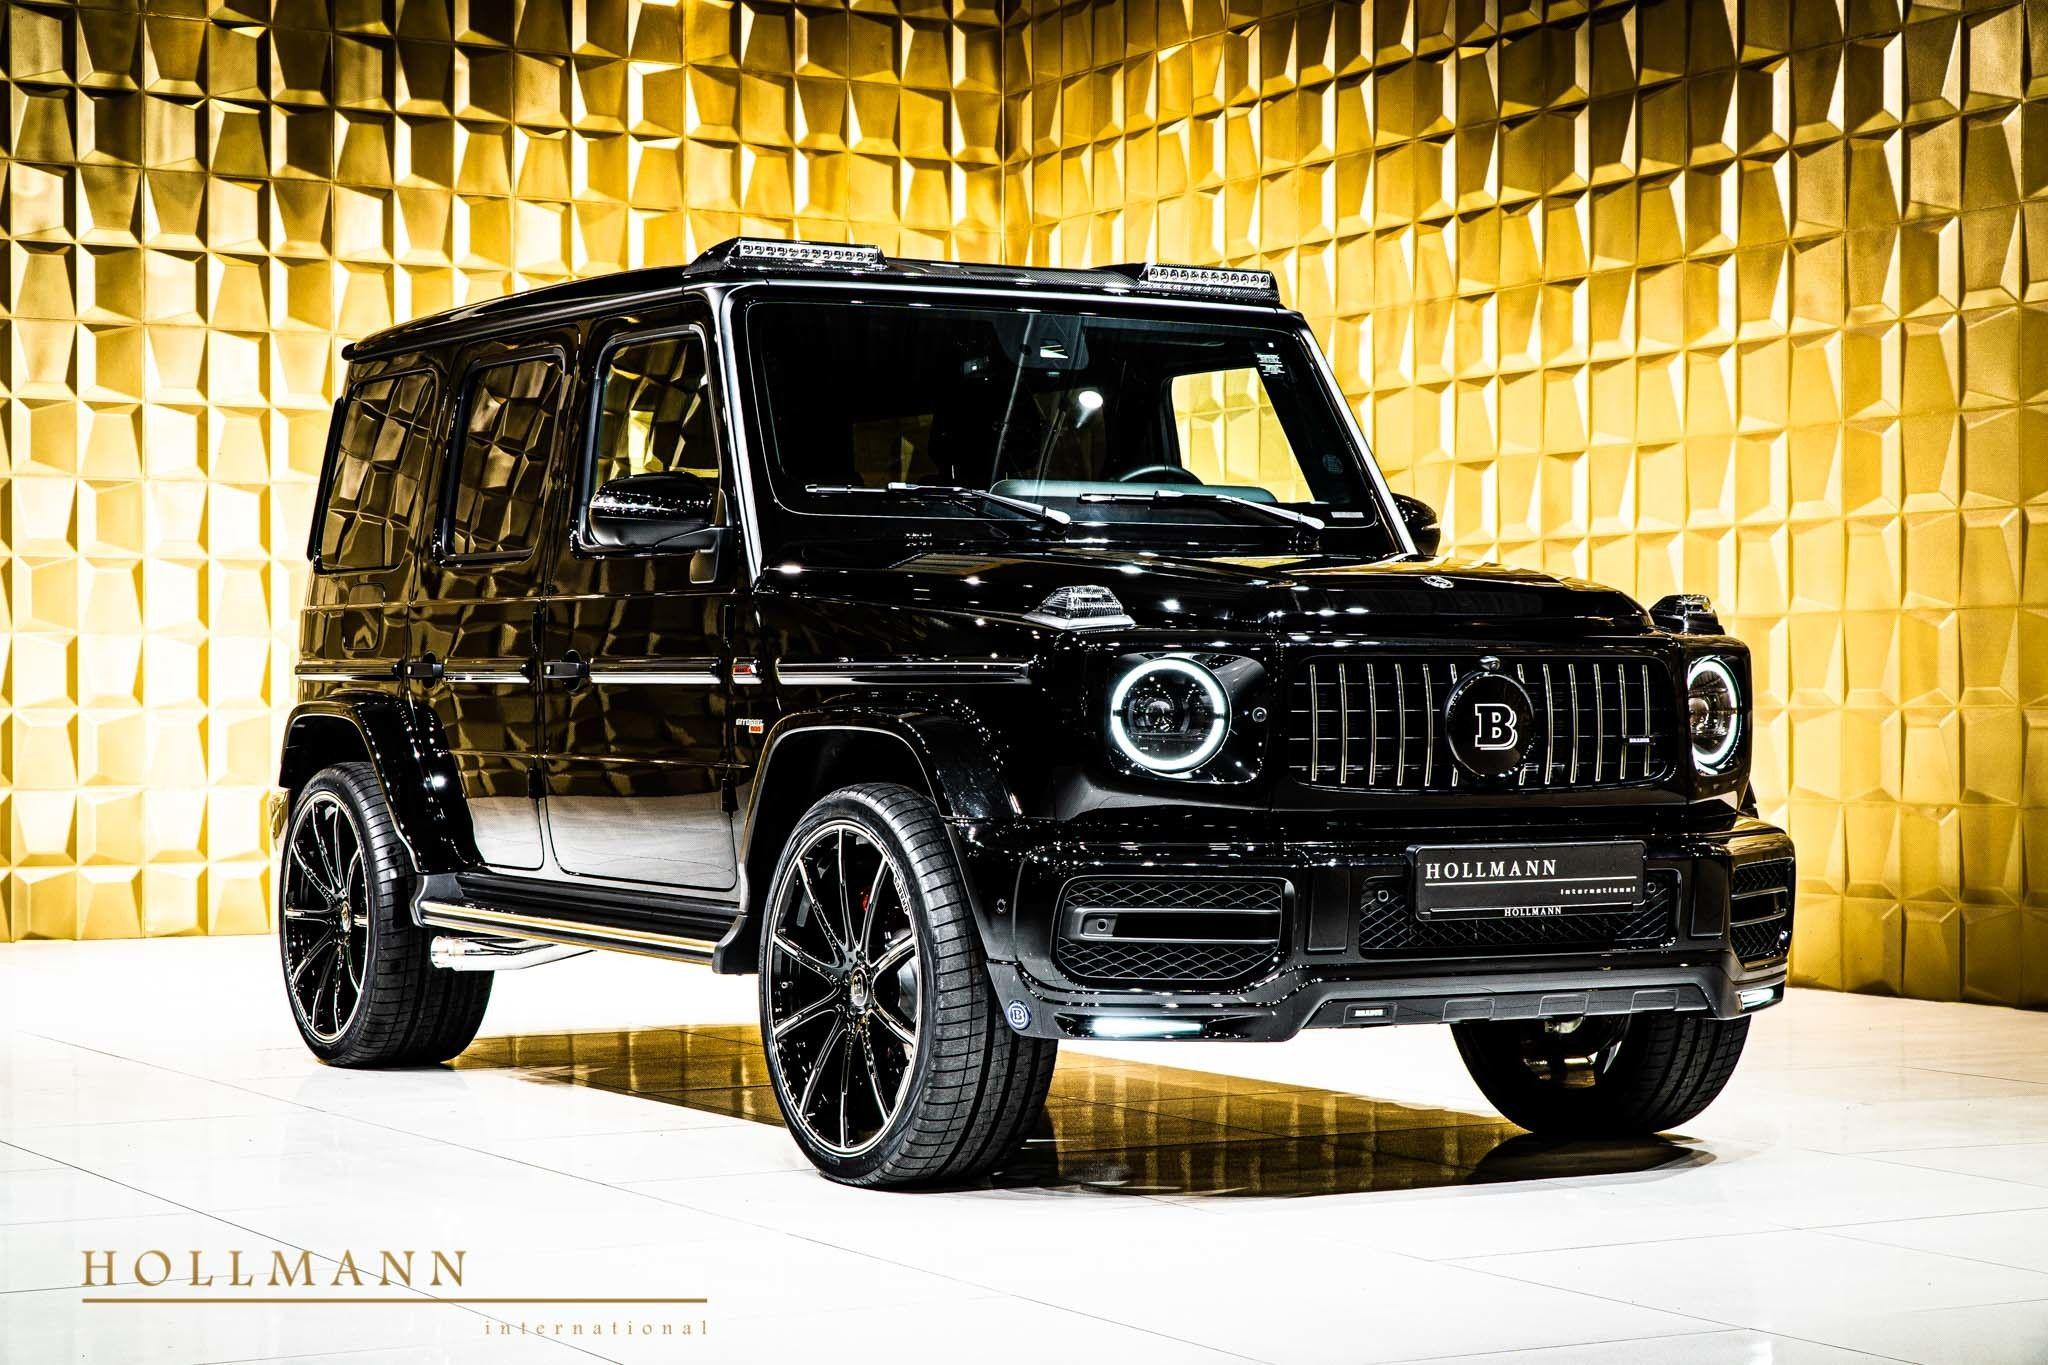 Mercedes Benz G 63 Amg Brabus 800 Hollmann International Germany For Sale On Luxurypulse Benz G Mercedes Benz G500 Mercedes